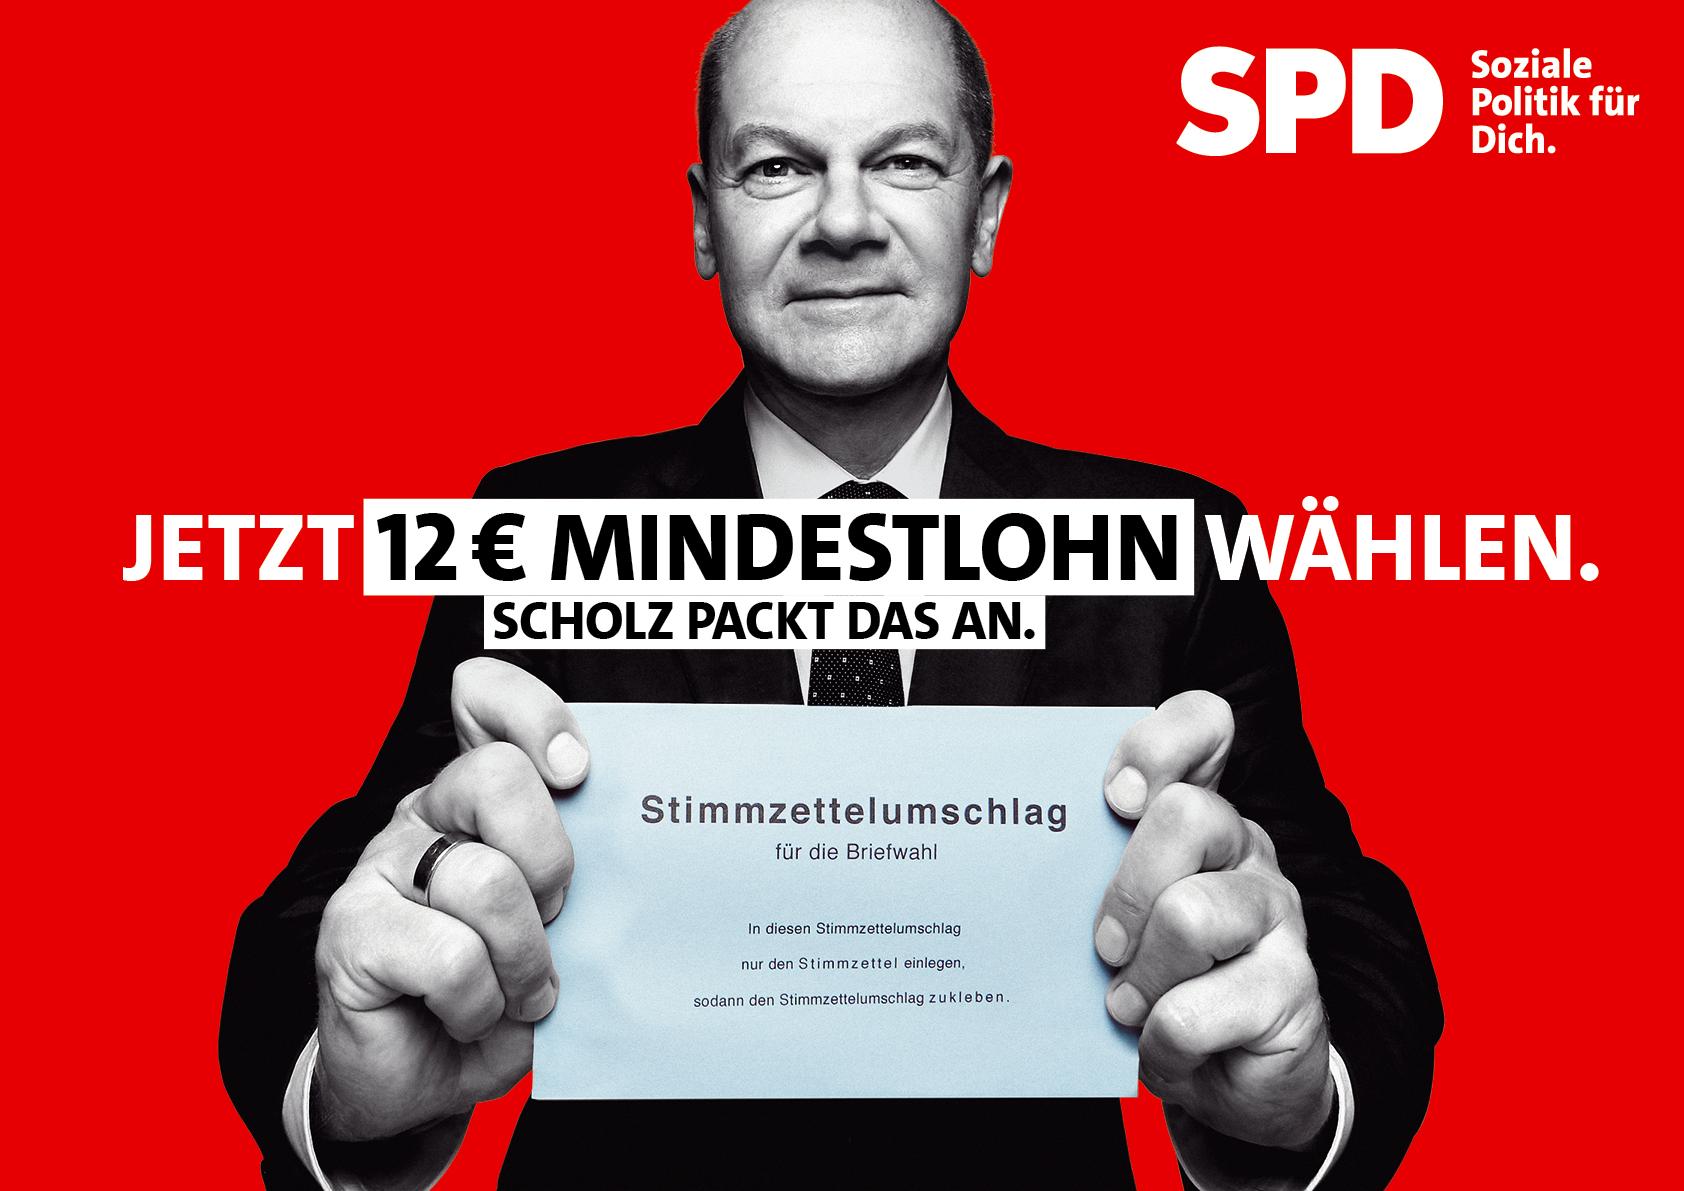 SPD Markenbekanntheit Werbekampagne 12EURO Mindestlohn 1